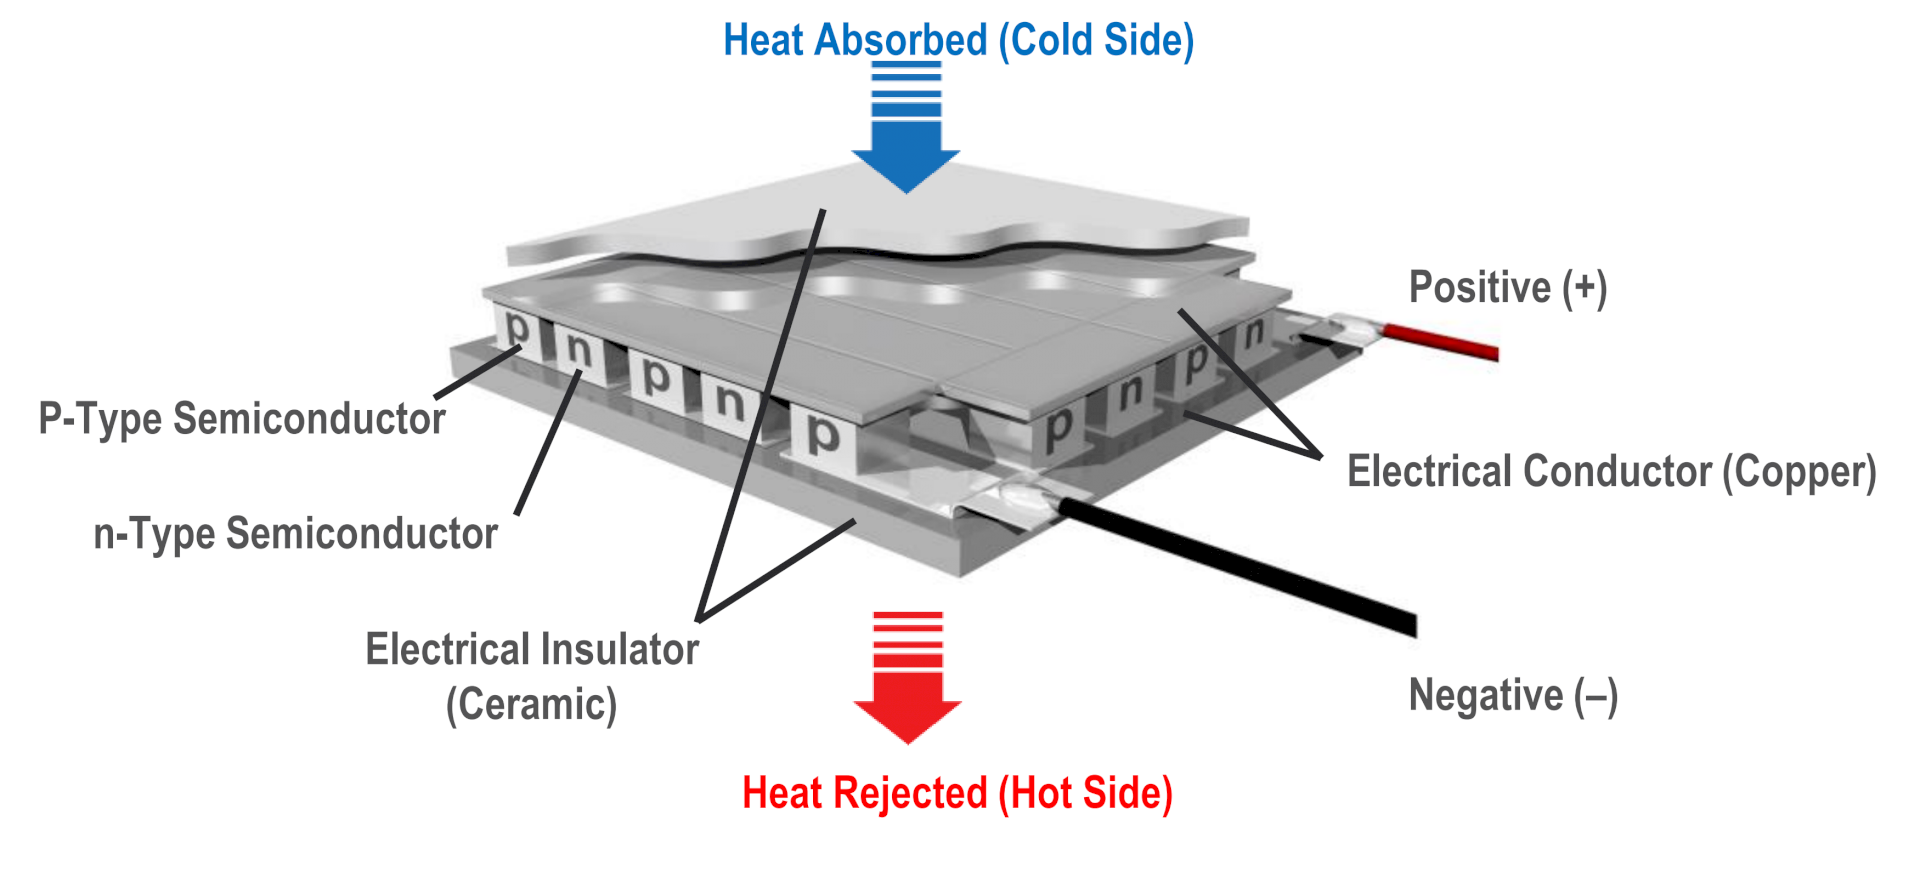 Kijk de replay van het webinar over Thermal Electric Coolers van Norbert Engelberts, thermisch expert